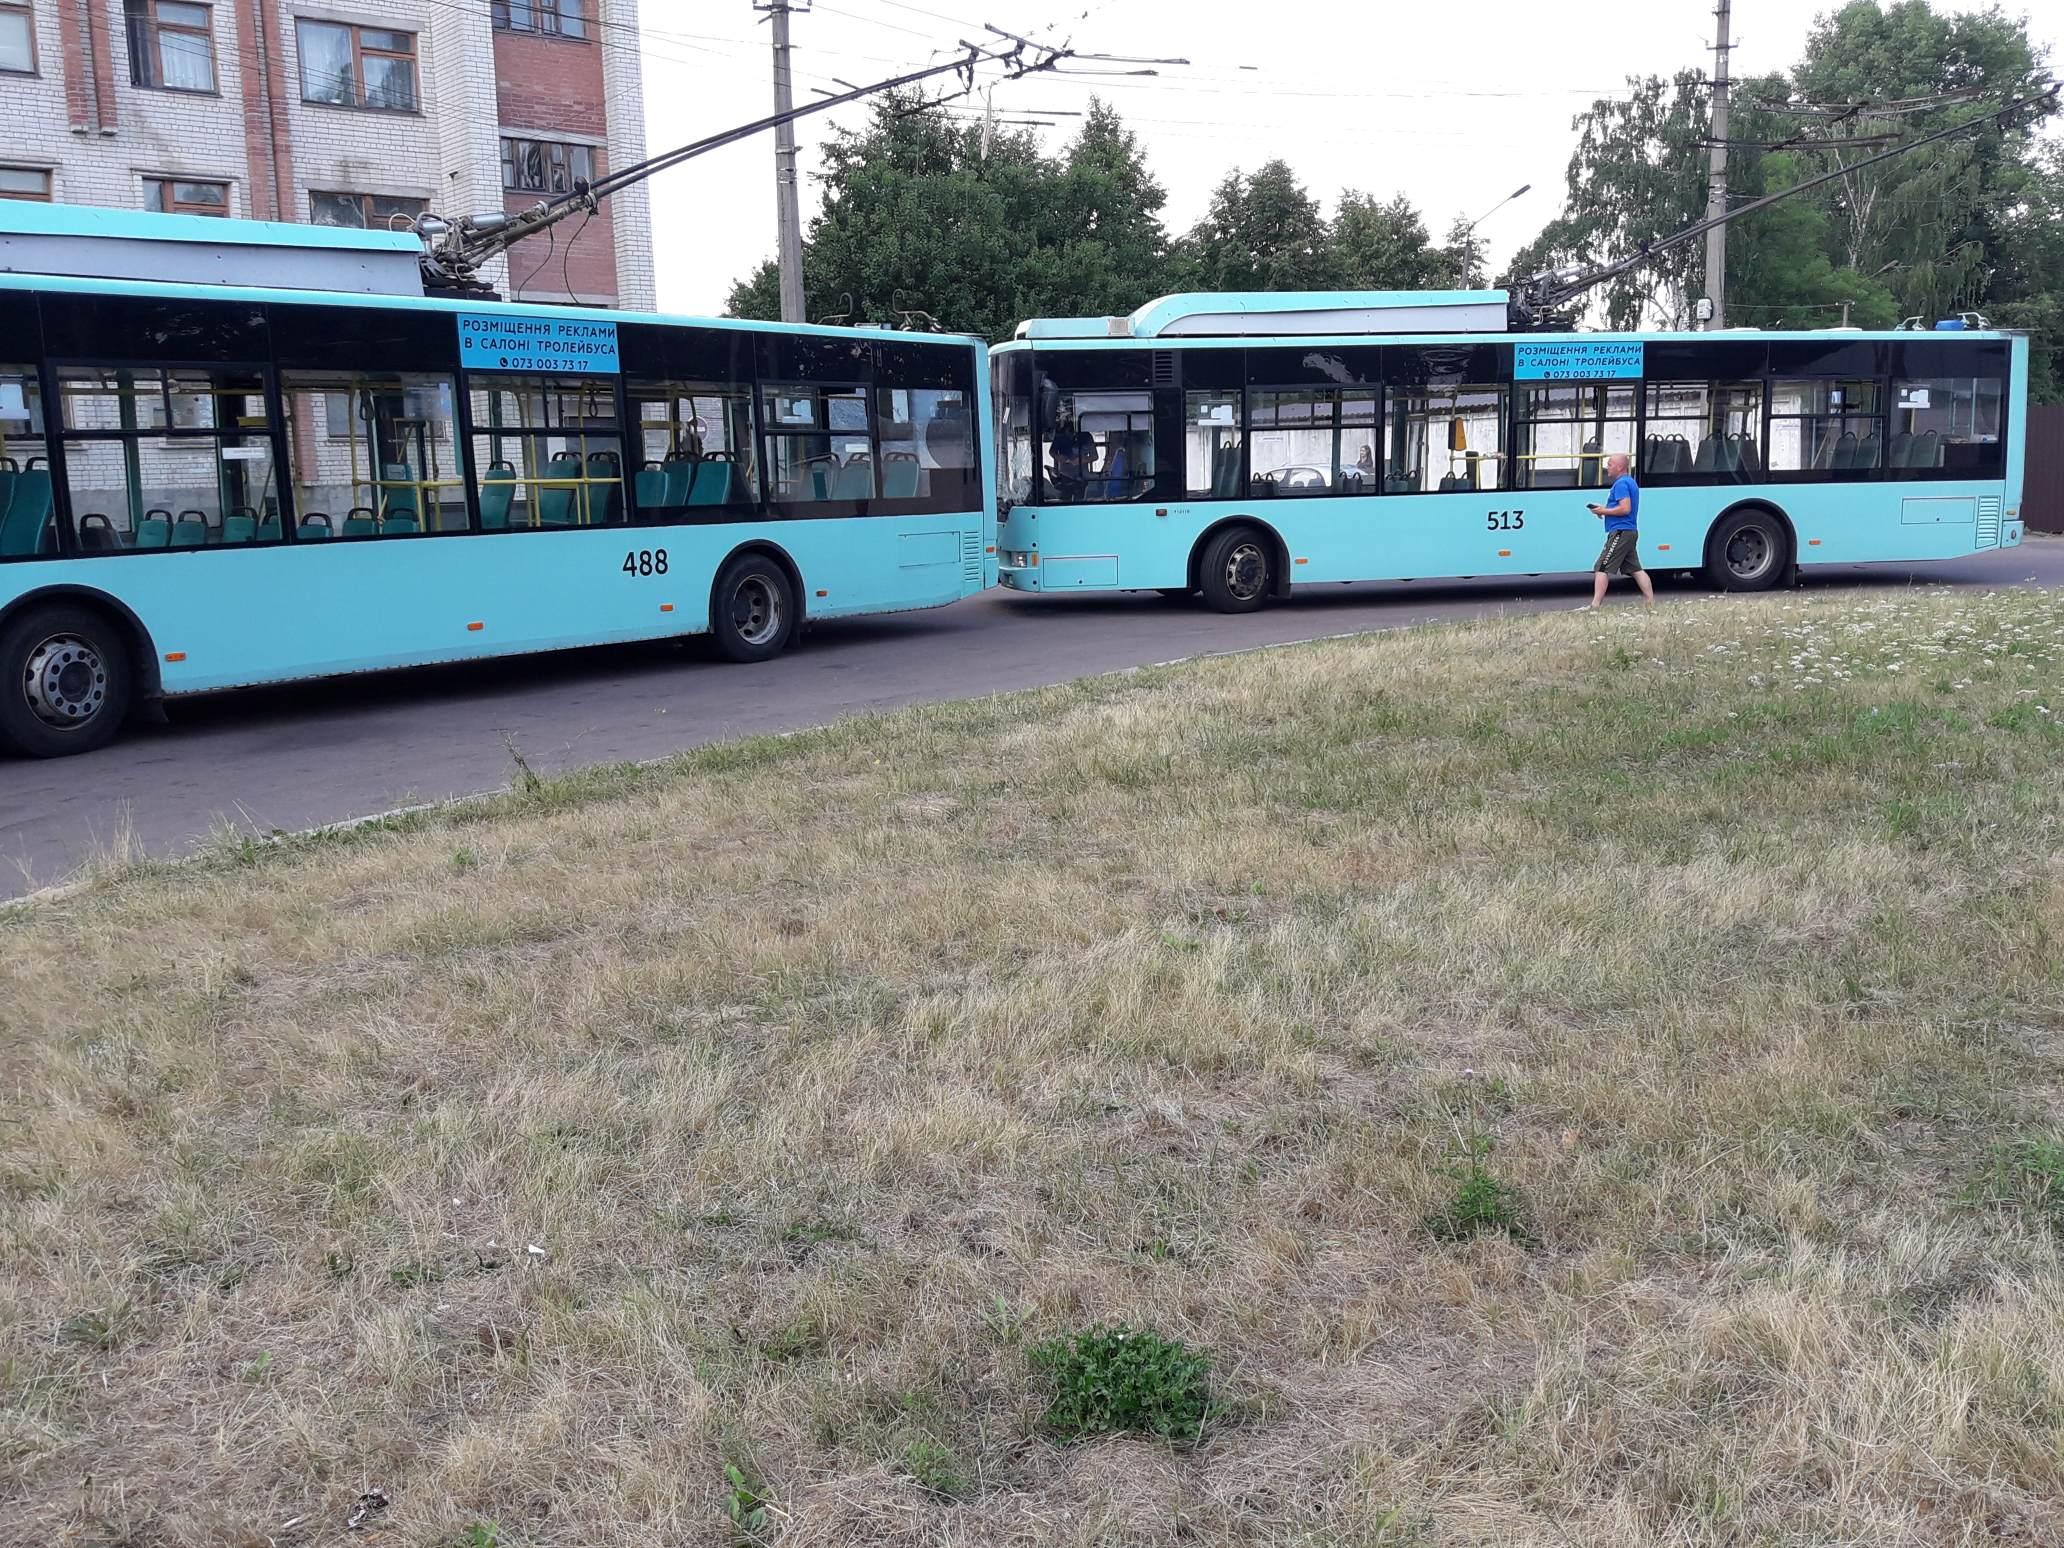 Мінус два тролейбуси: у Чернігові на кінцевій 10-го маршруту зіткнулися «рогатики». ФОТОфакт